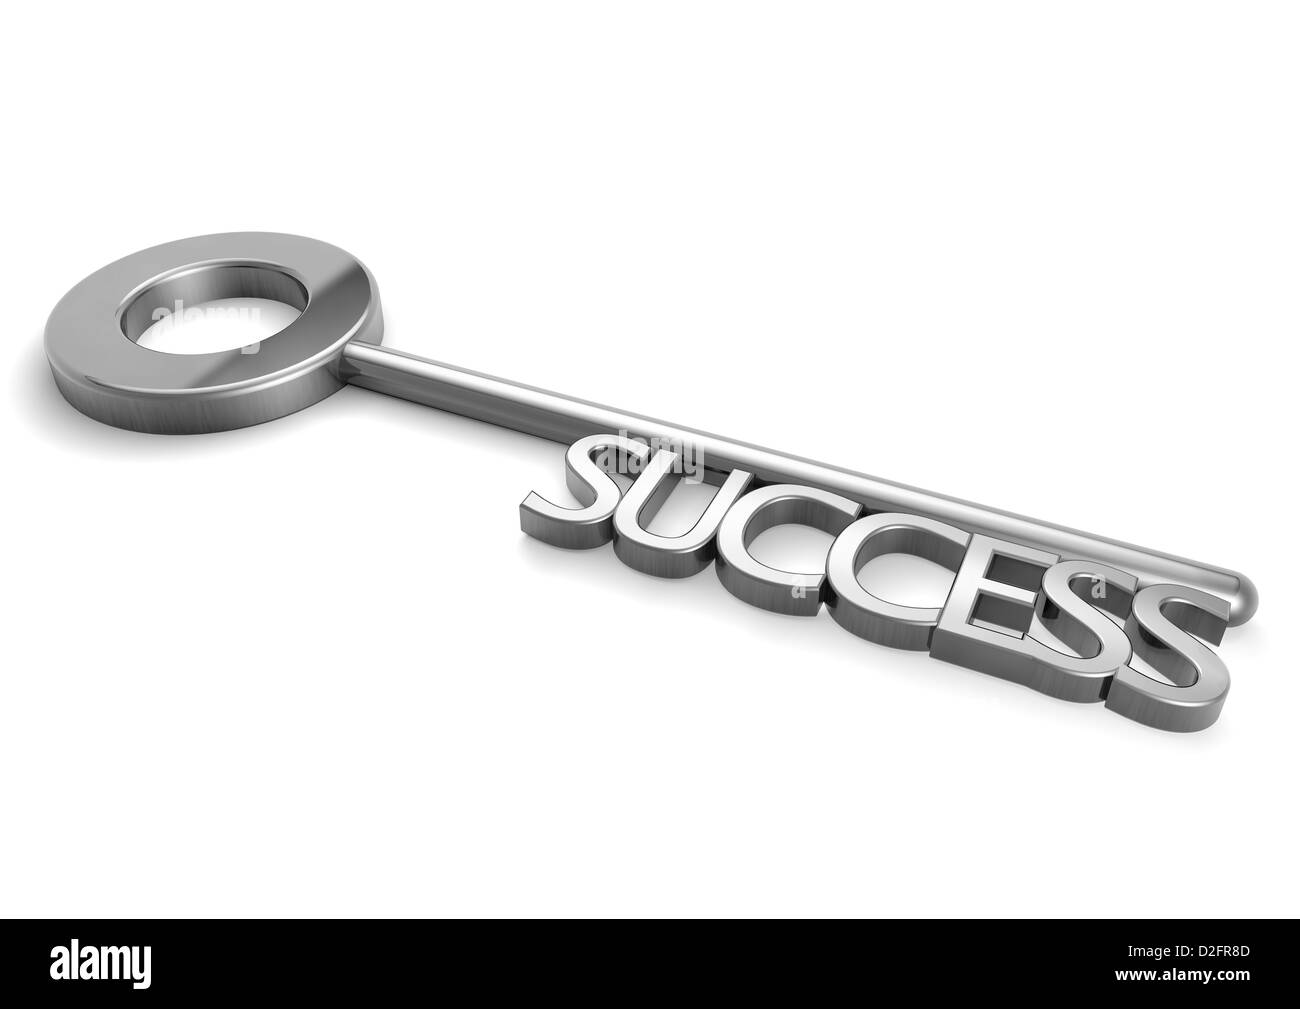 Succès - le mot clé d'argent avec succès - Notion de droit Photo Stock